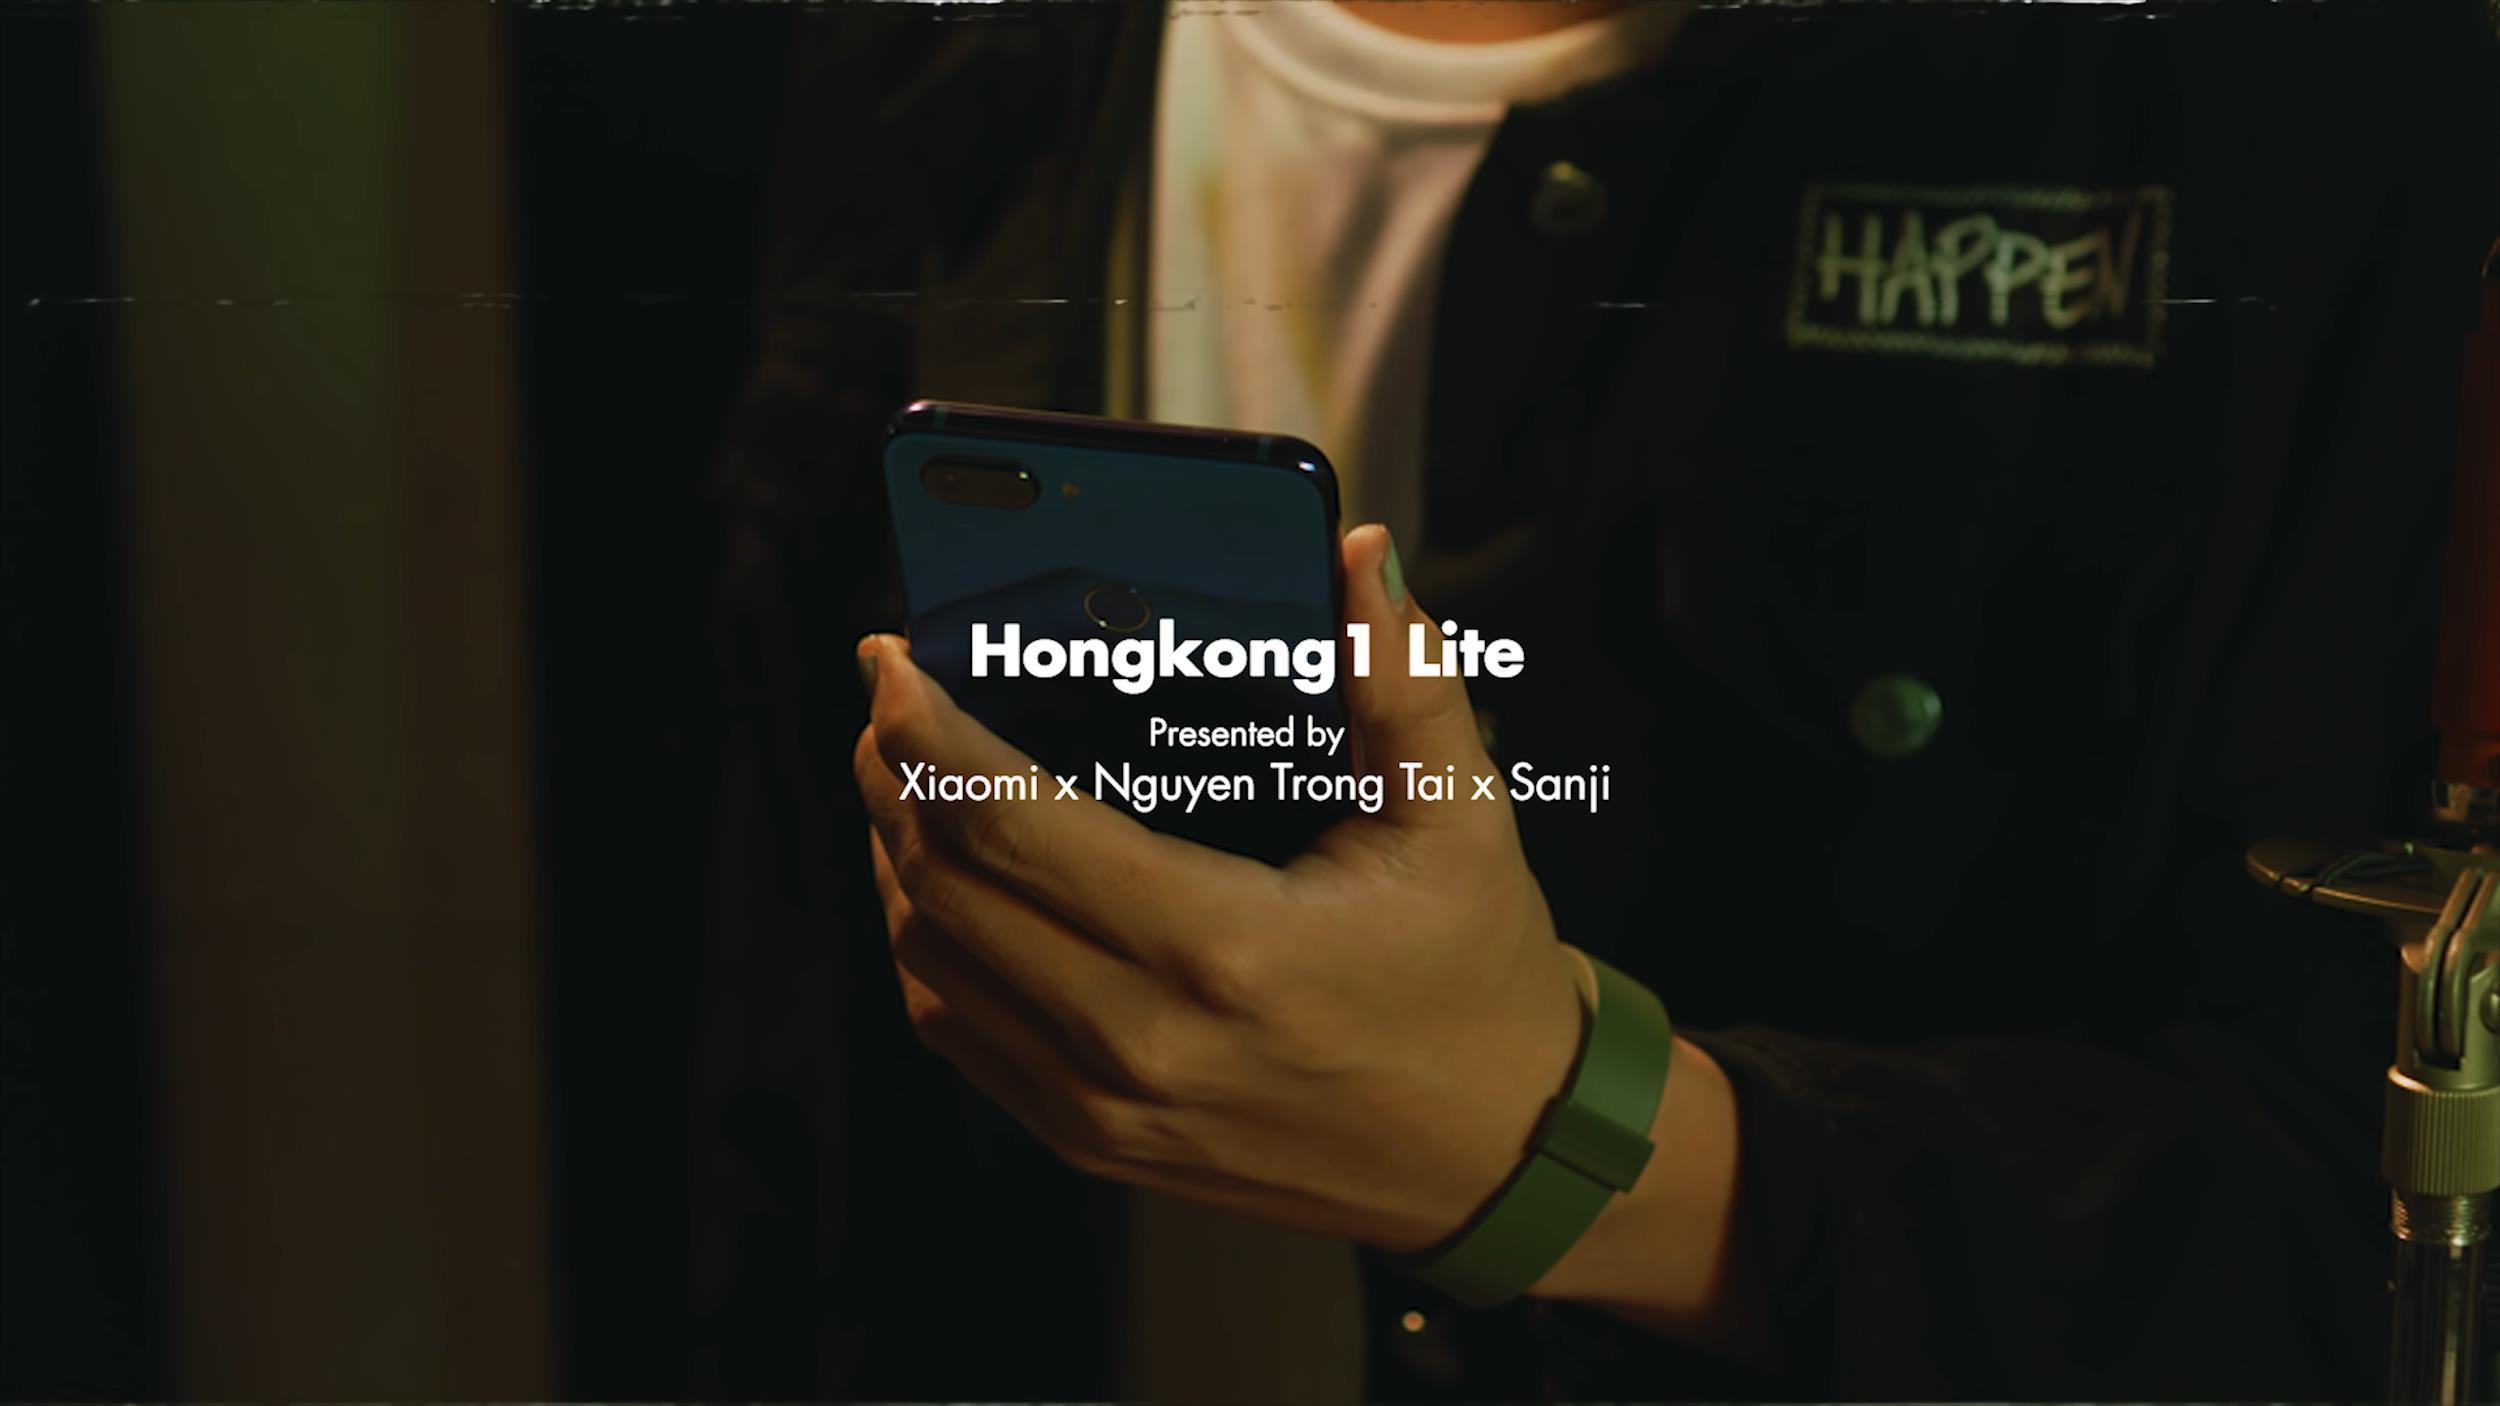 Hongkong1 bản RnB của Nguyễn Trọng Tài tiếp tục gây nghiện - Ảnh 2.